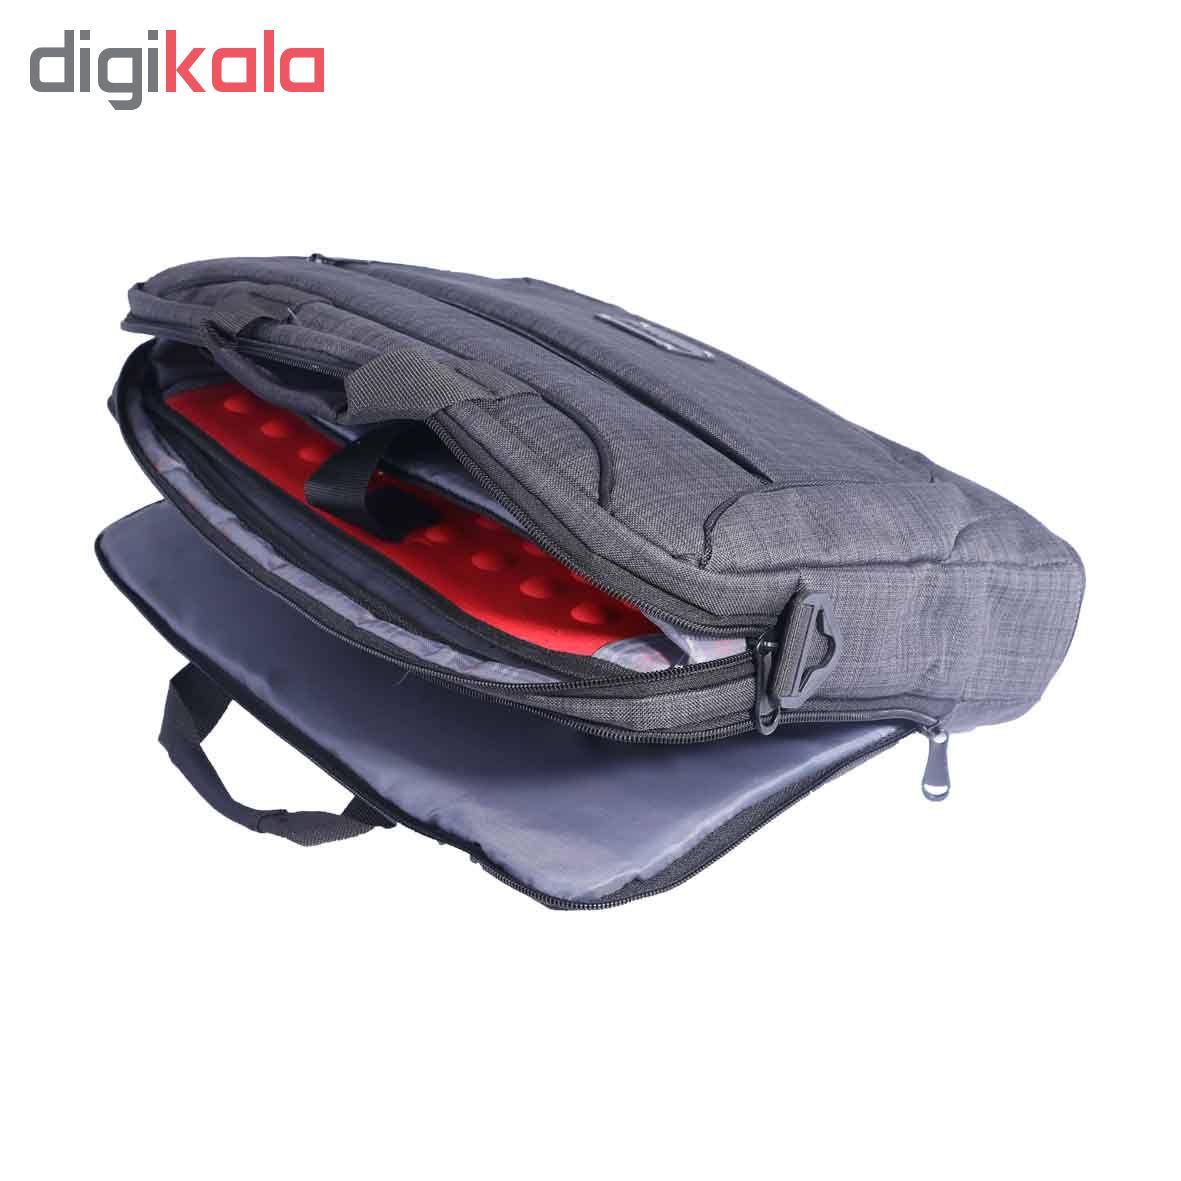 کیف لپ تاپ مدل LB37 مناسب برای لپ تاپ 15 اینچی